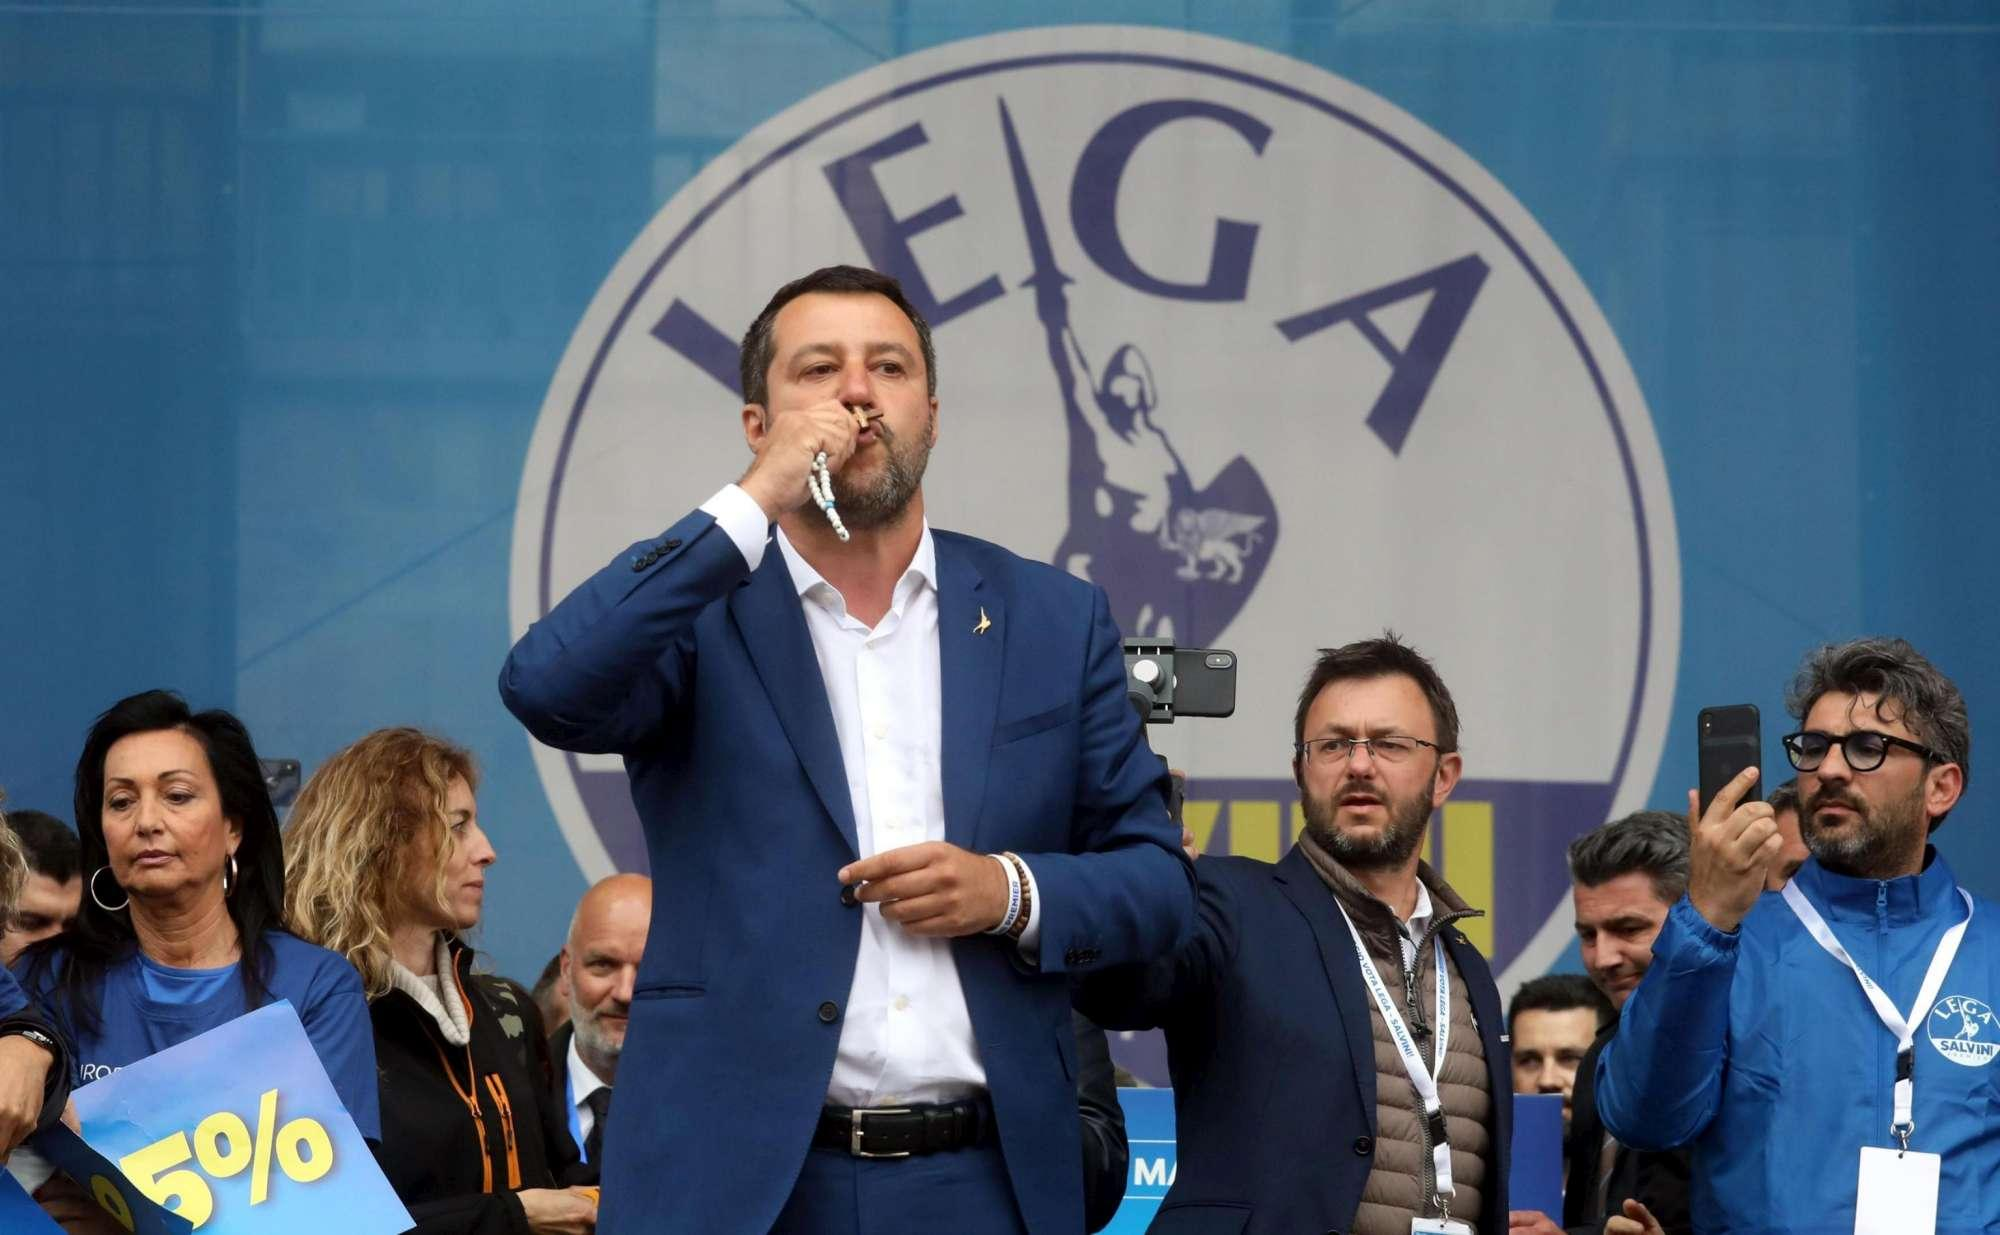 """Milano, Salvini bacia il rosario durante un comizio: """"L'immacolato cuore di Maria ci porterà alla vittoria"""""""